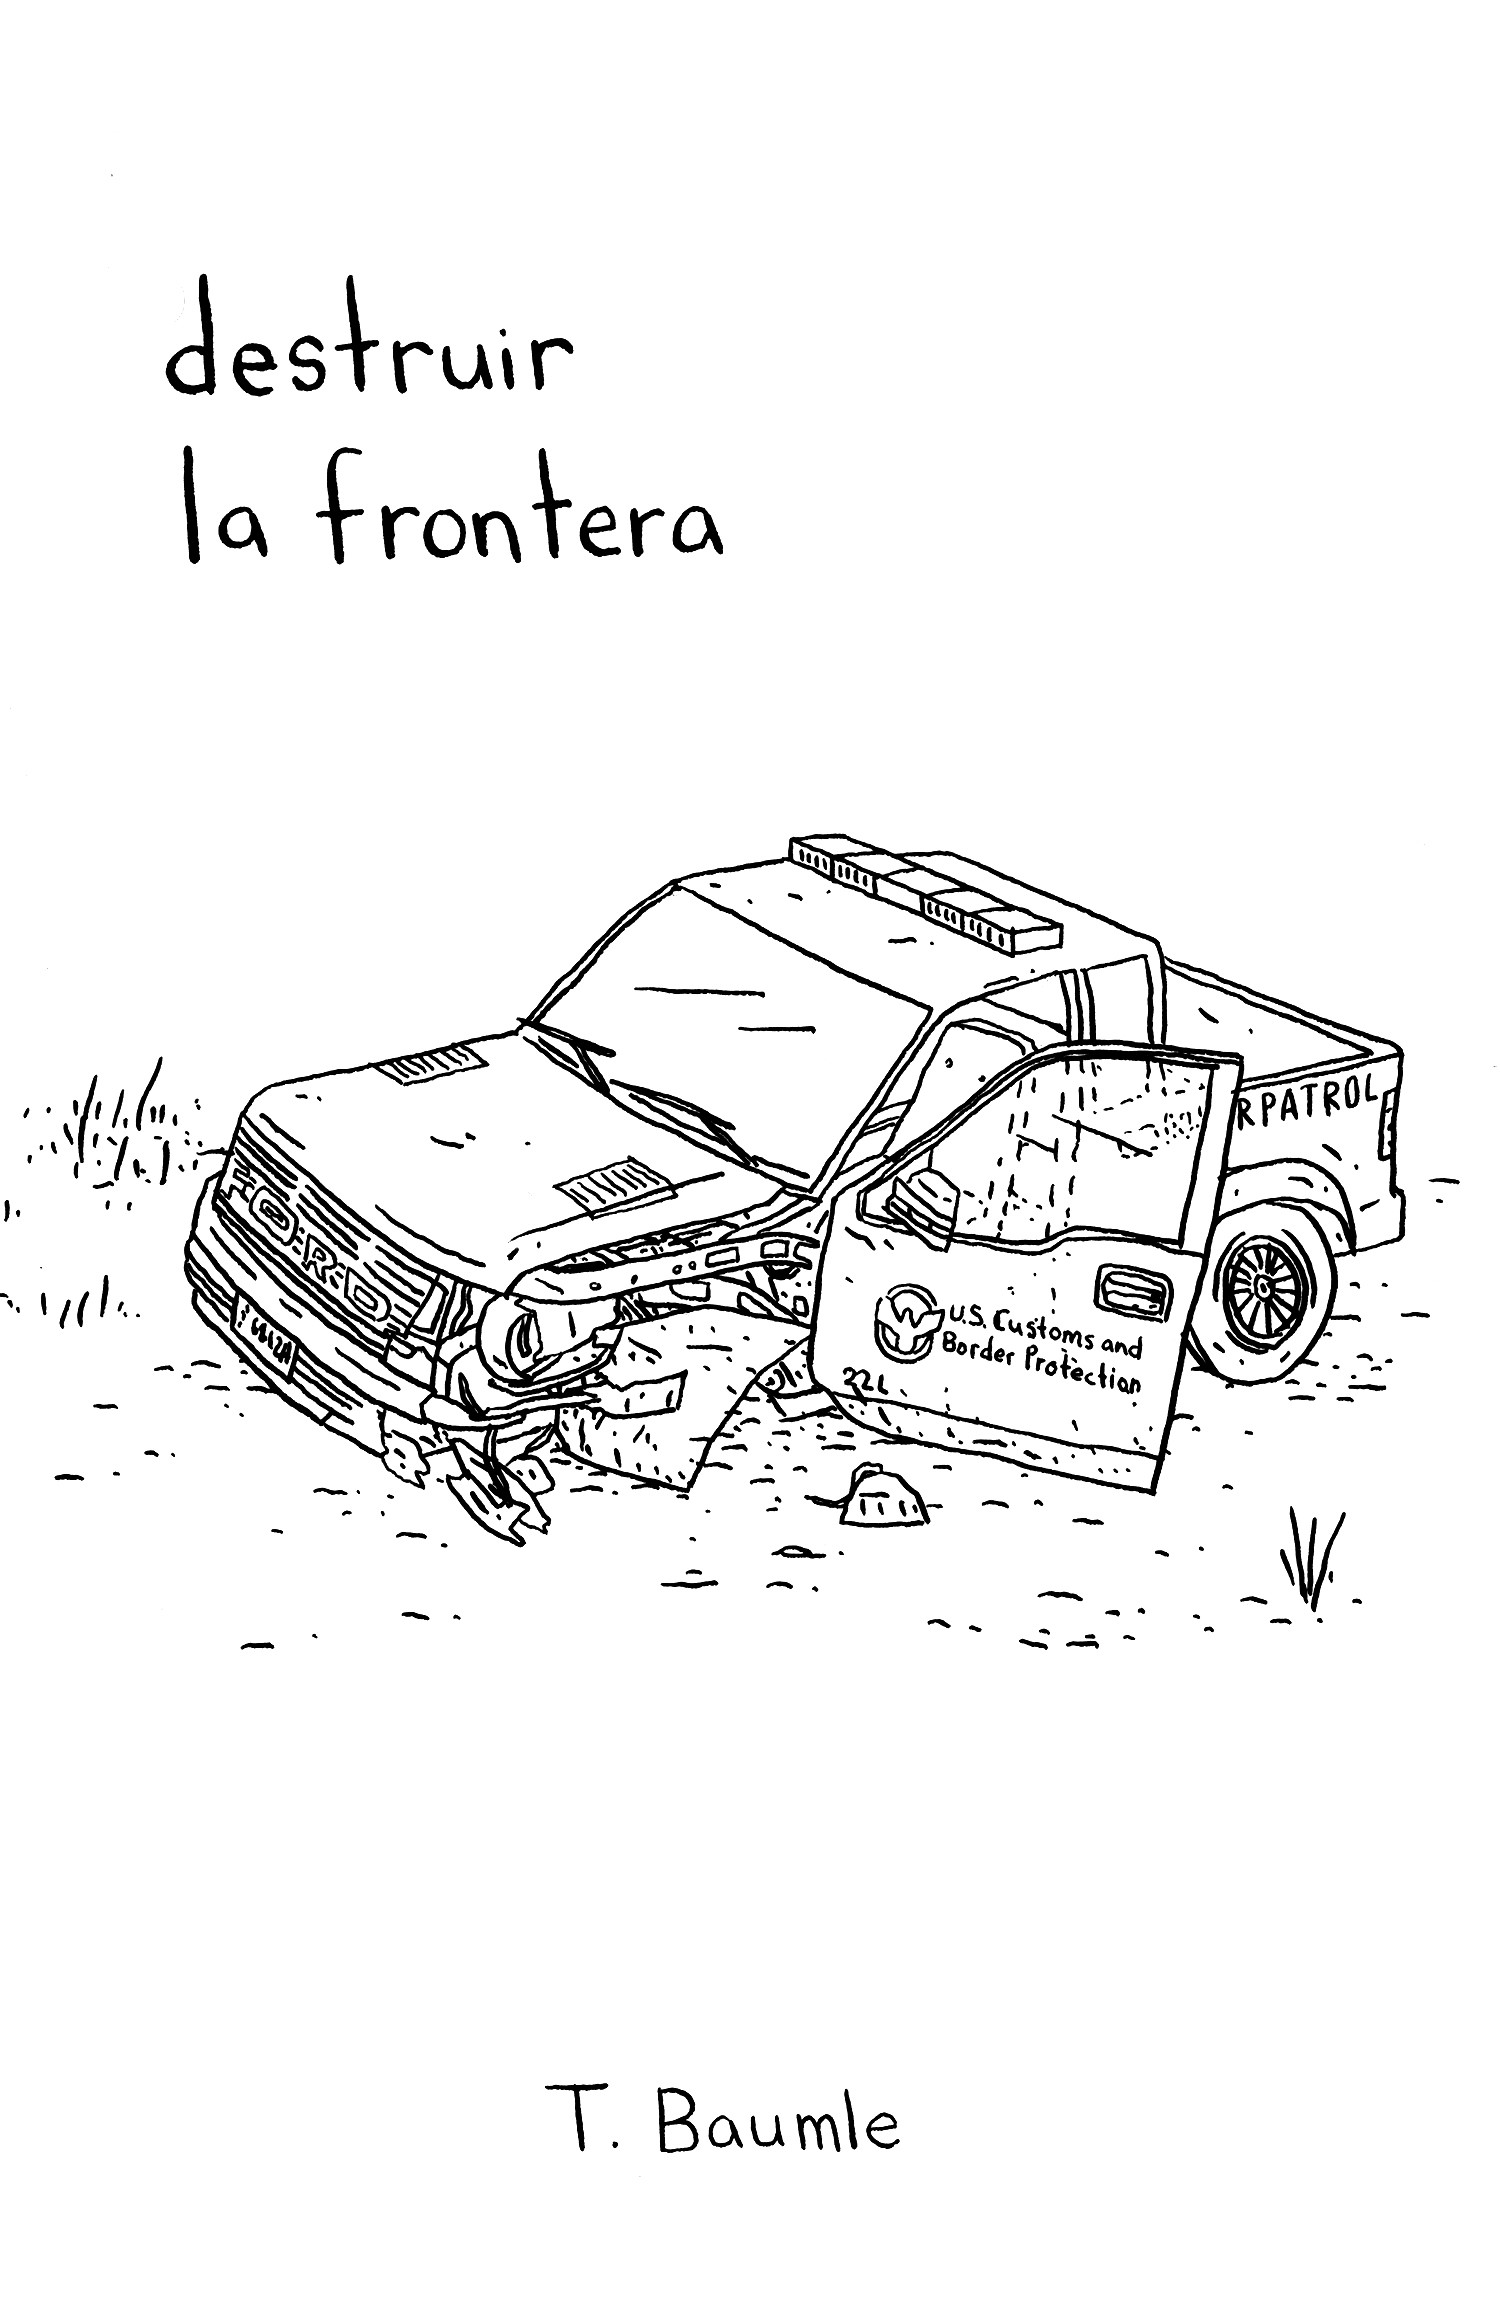 destruir la frontera